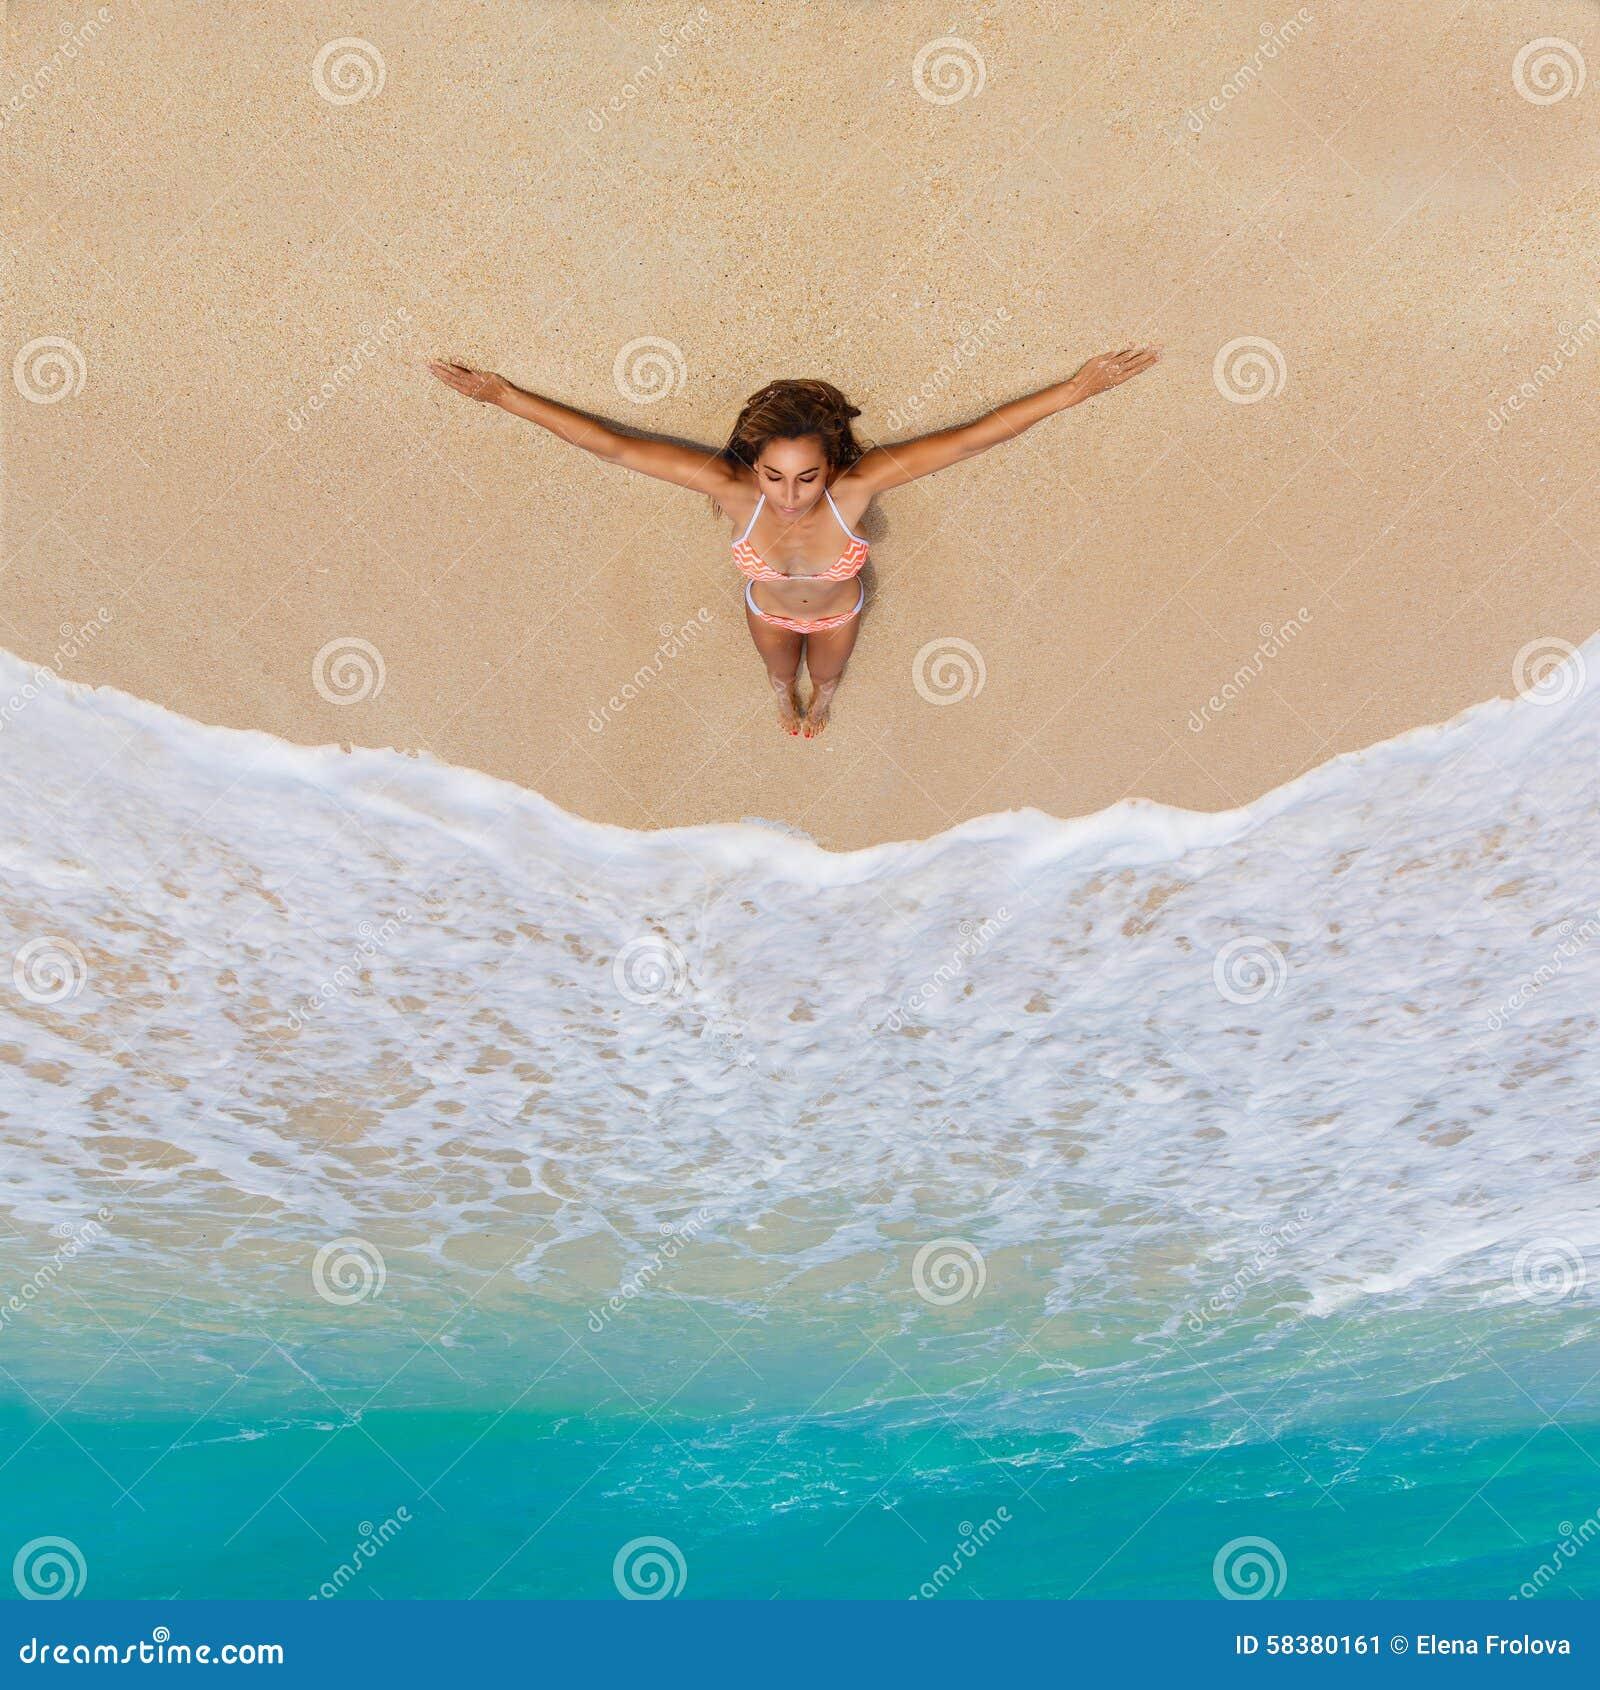 Beautiful young girl in bikini on a tropical beach. Blue sea in